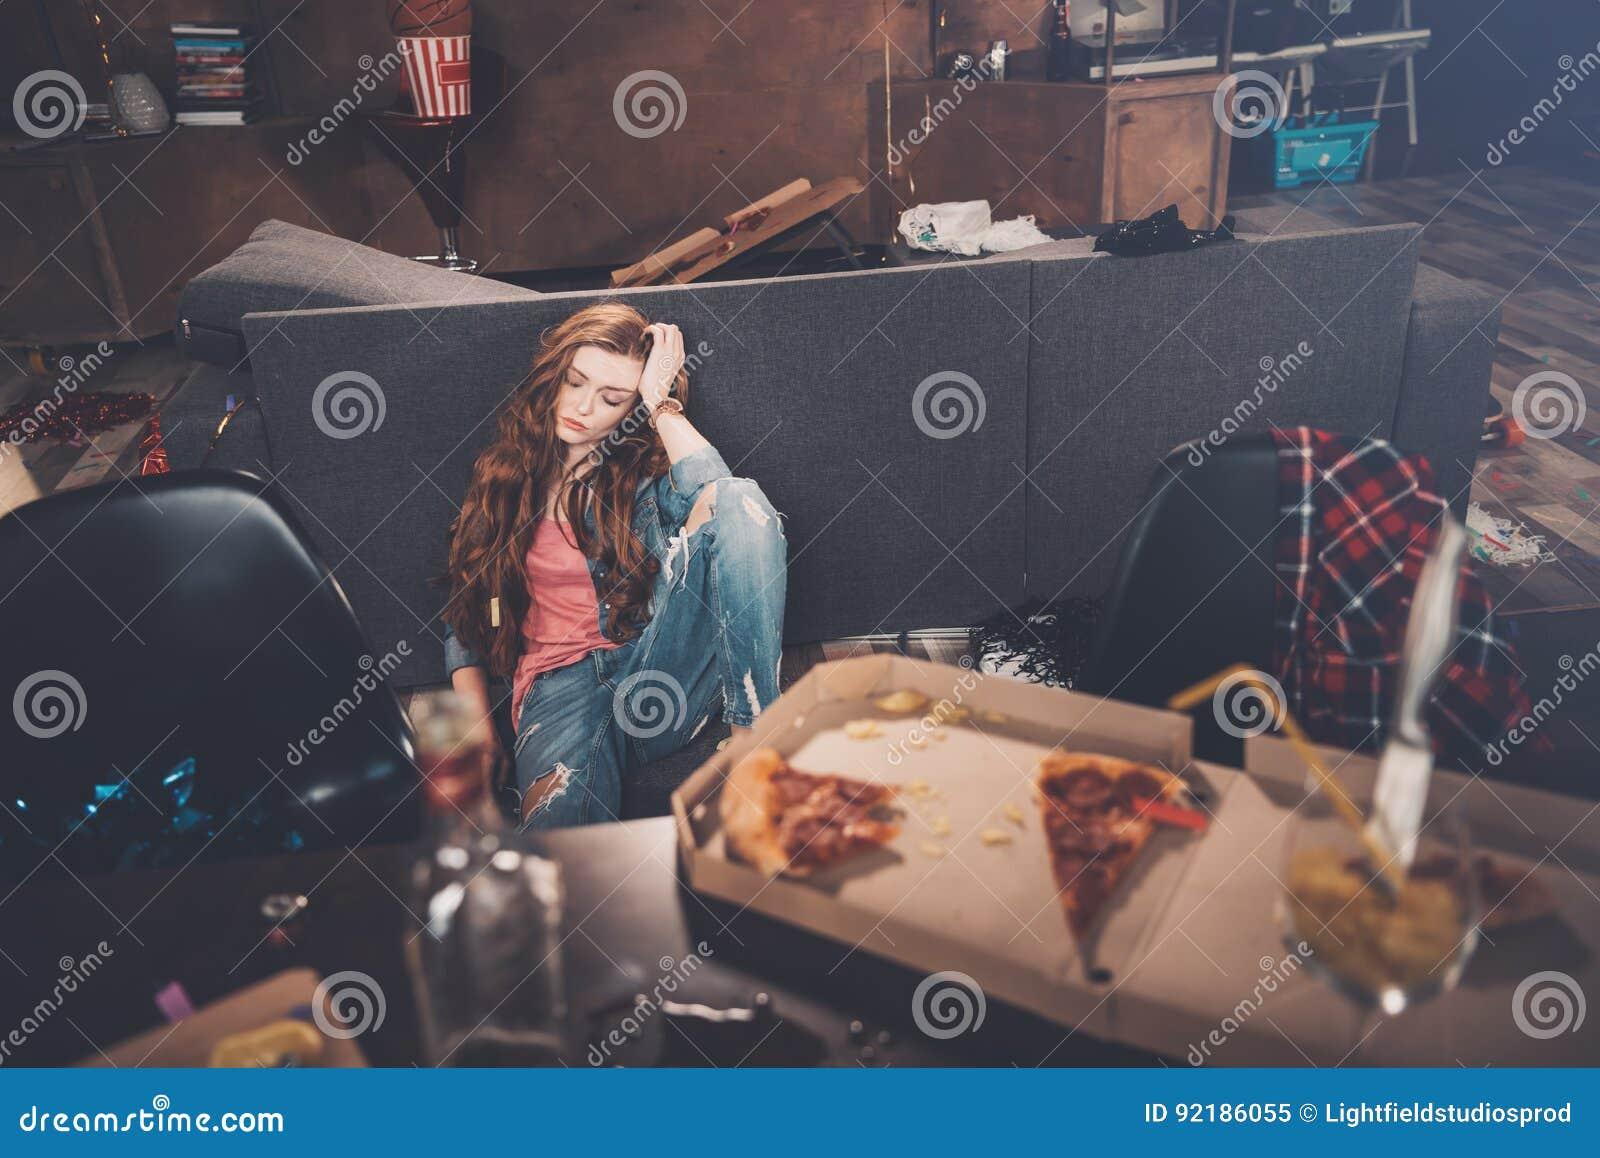 Νέα γυναίκα με τις ιδιαίτερες προσοχές που κάθεται στο πάτωμα στο ακατάστατο δωμάτιο μετά από το κόμμα